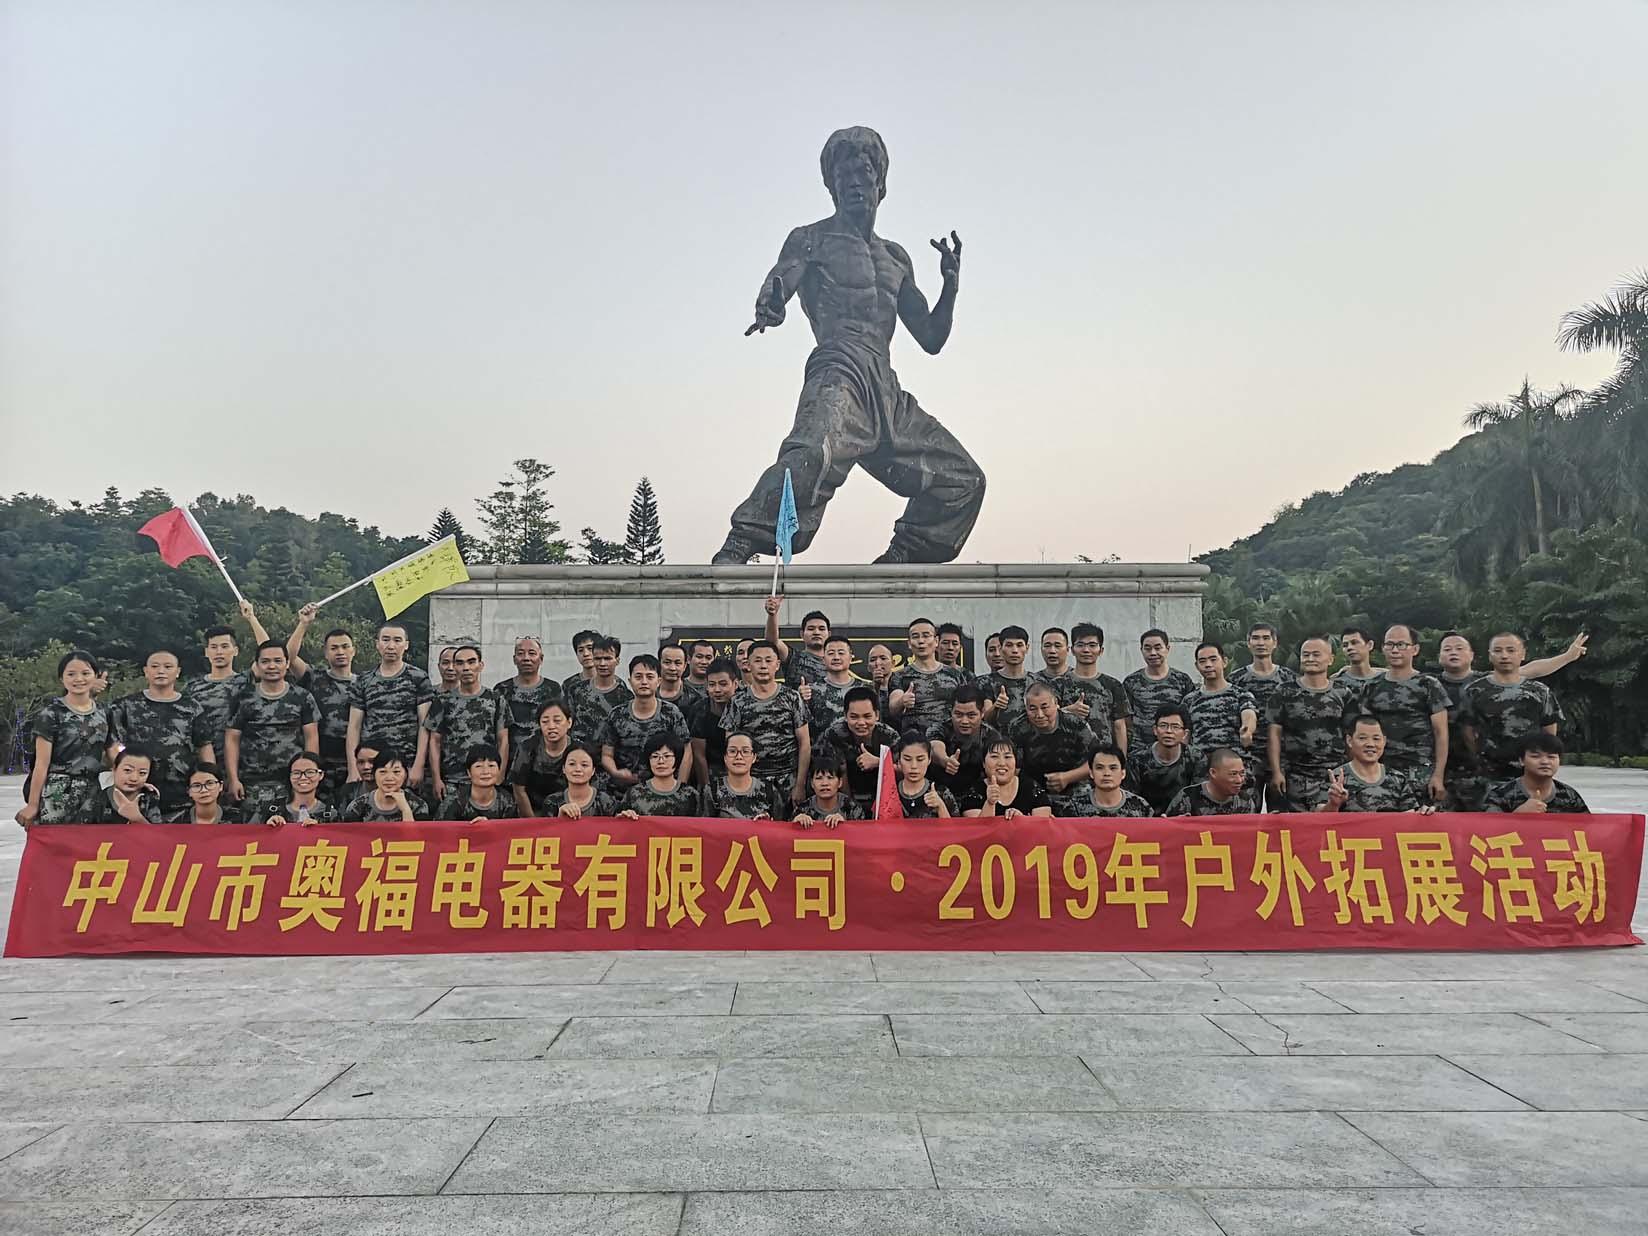 中山市奥福电器有限公司_才通国际人才网_job001.cn